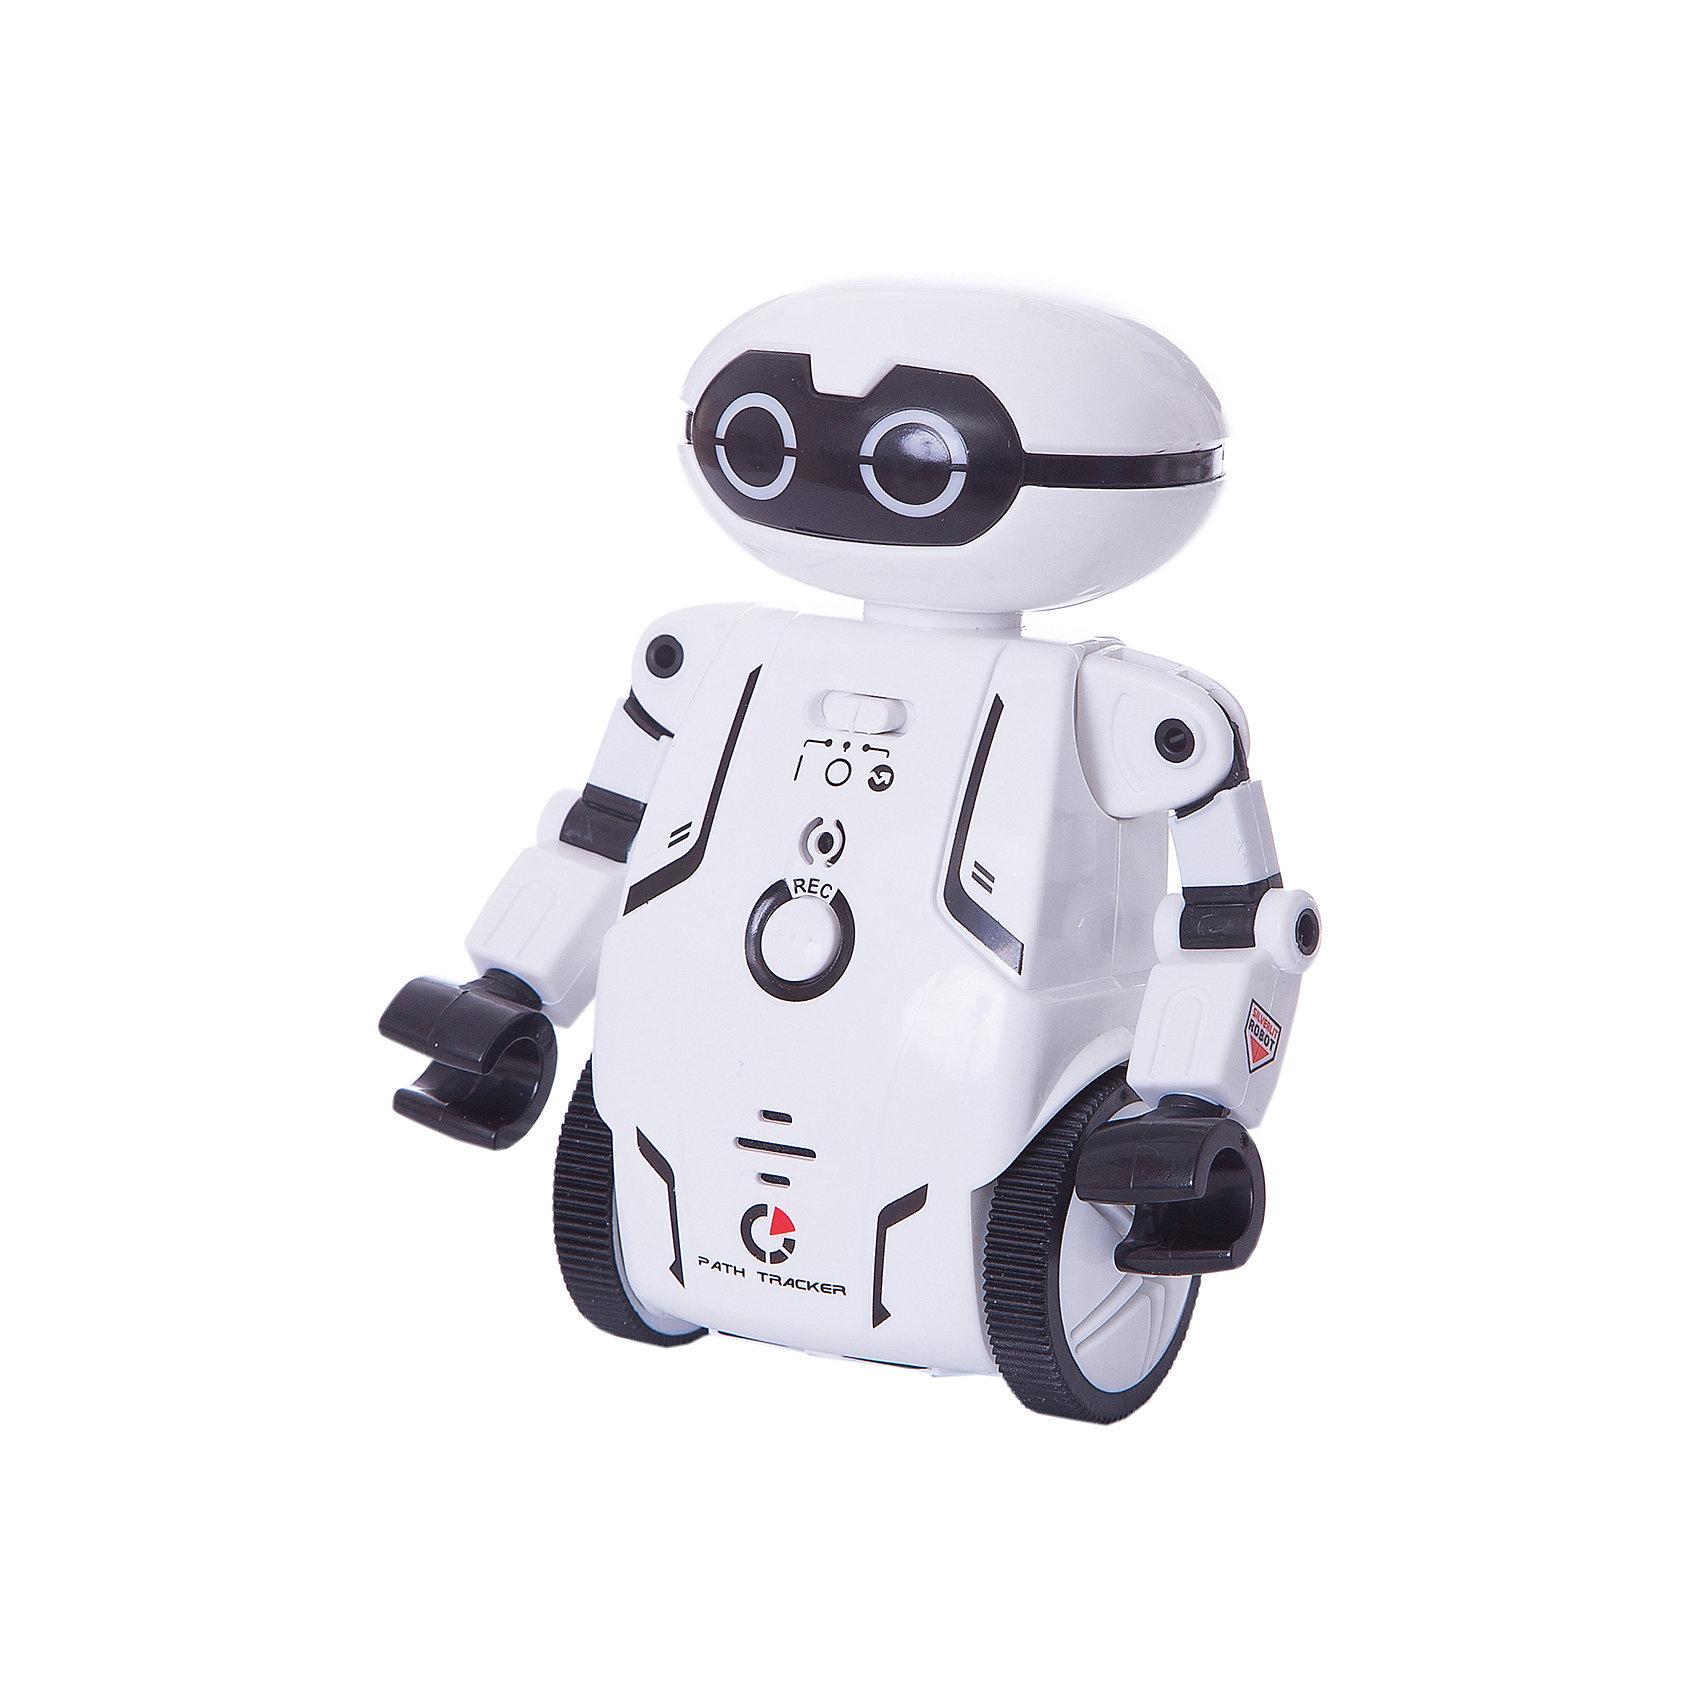 Робот Мэйз брейкер (Maze Breaker), Silverlit, белыйРоботы<br>Характеристики товара:<br><br>• возраст: от 5 лет;<br>• материал: пластик;<br>• в комплекте: робот, путевая карта, инструкция;<br>• тип батареек: 2 батарейки ААА;<br>• наличие батареек: нет в комплекте;<br>• высота робота: 12,5 см;<br>• размер упаковки: 20,8х18,4х9,3 см;<br>• вес упаковки: 303 гр.;<br>• страна производитель: Китай.<br><br>Робот Maze Breaker Sirverlit белый — удивительный робот, который умеет двигаться, говорить и кататься по определенному маршруту. Робот работает в нескольких режимах. В режиме «Игра» Мейз Брейкер двигается, танцует и записывает голос. <br><br>Нажав на кнопку на груди робота, ребенок произнесет фразу, которую робот сохранит в памяти и затем воспроизведет. Чтобы послушать ее, достаточно щелкнуть пальцами или хлопнуть в ладоши. Он может сохранять до 3 записей. <br><br>В режиме «Определение маршрута» робот двигается по заданному направлению на специальном листе благодаря сенсорным датчикам. Он определяет заданный путь и четко следует указаниям, а может также прогуляться по лабиринту.<br><br>Робот оснащен световыми и звуковыми эффектами, делающими игру с ним еще увлекательней. У него горят глаза, а во время движения он издает звуки. Управлять роботом можно при помощи бесплатного мобильного приложения. <br><br>Робота Maze Breaker Sirverlit белого можно приобрести в нашем интернет-магазине.<br><br>Ширина мм: 208<br>Глубина мм: 184<br>Высота мм: 93<br>Вес г: 303<br>Возраст от месяцев: 60<br>Возраст до месяцев: 2147483647<br>Пол: Унисекс<br>Возраст: Детский<br>SKU: 5631988